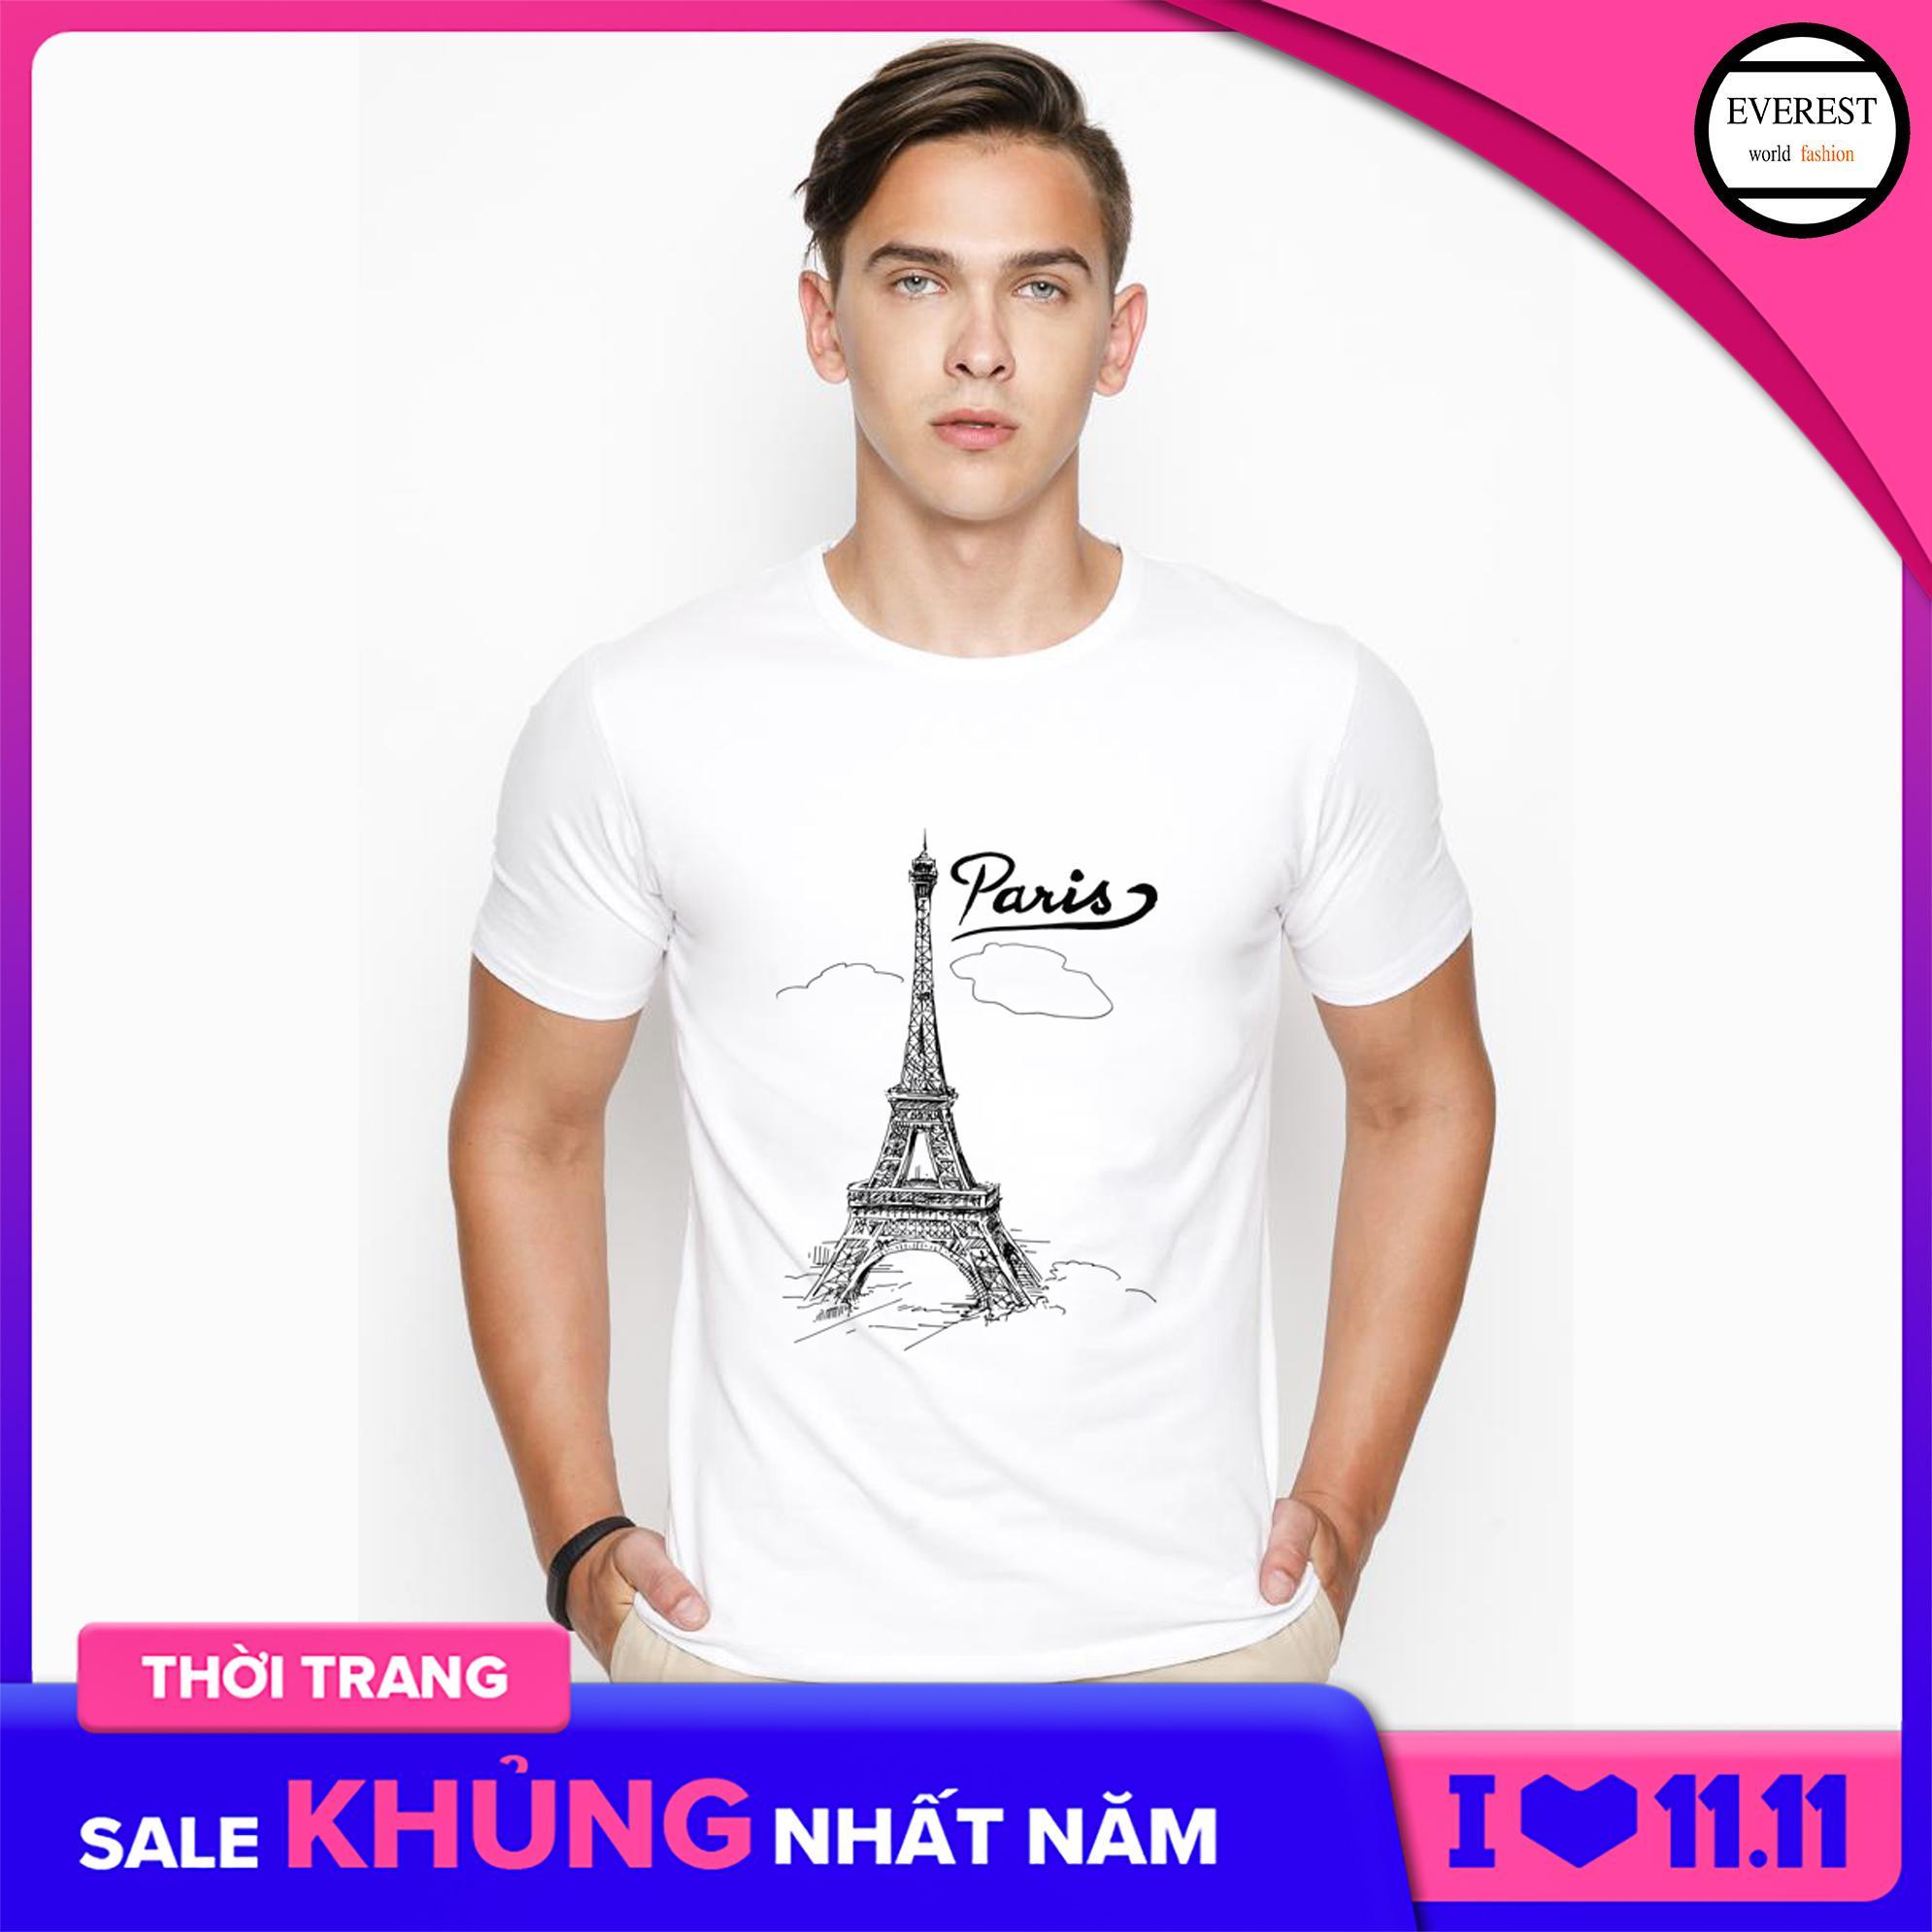 Áo Thun Nam In Hình Paris Mây Phong Cách Hàn Quốc Vải Dày Mịn AokNAM418 Giảm Cực Đã